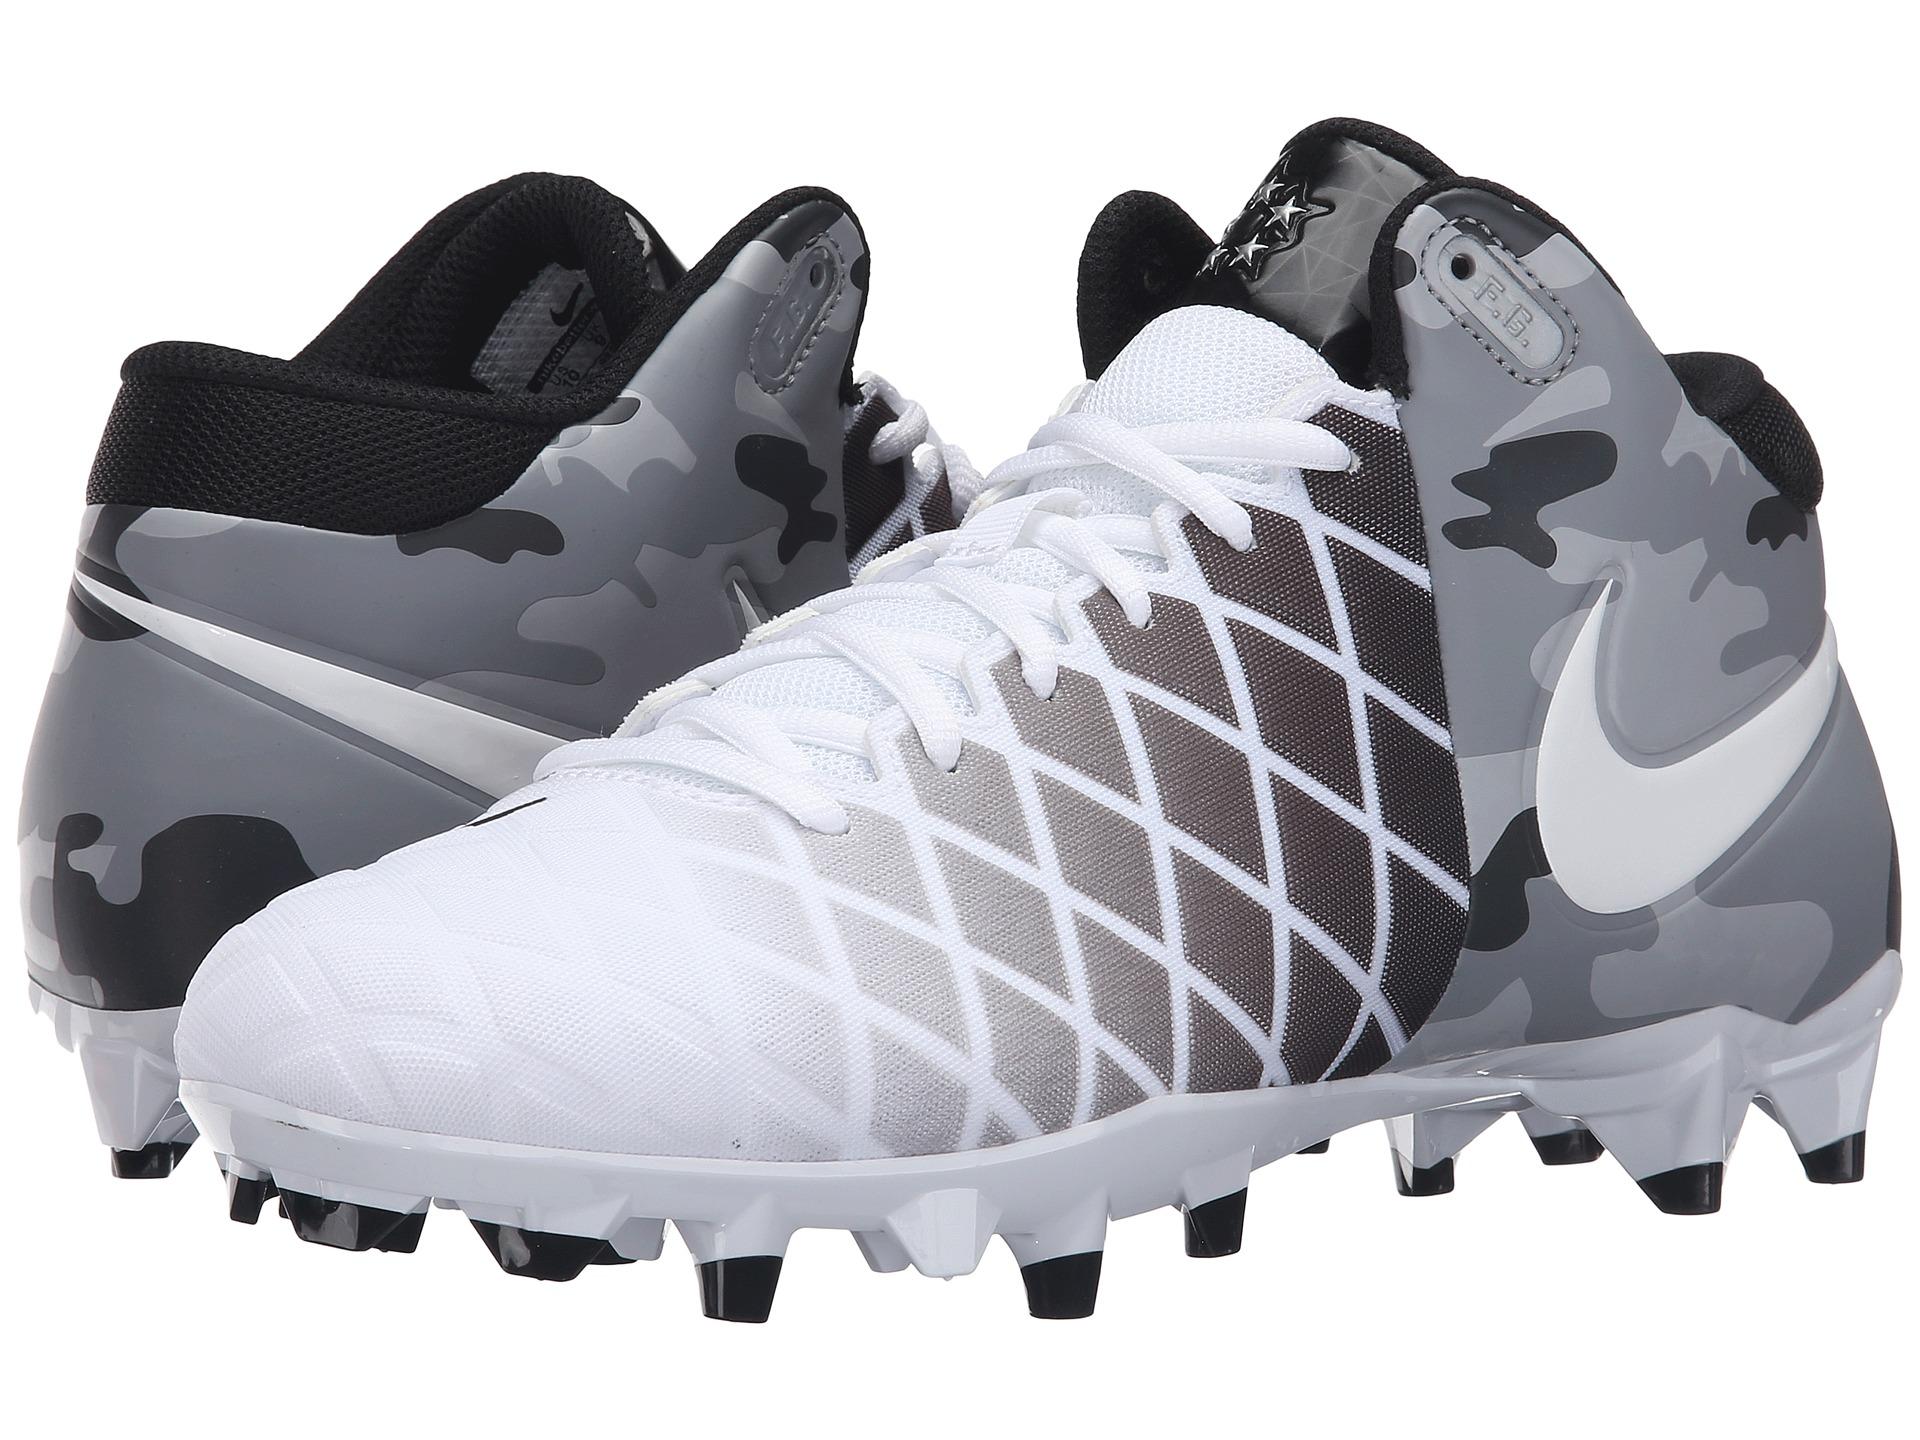 be4883085aa80 nike field general turf shoes Shop Nike Lebron 11 ...